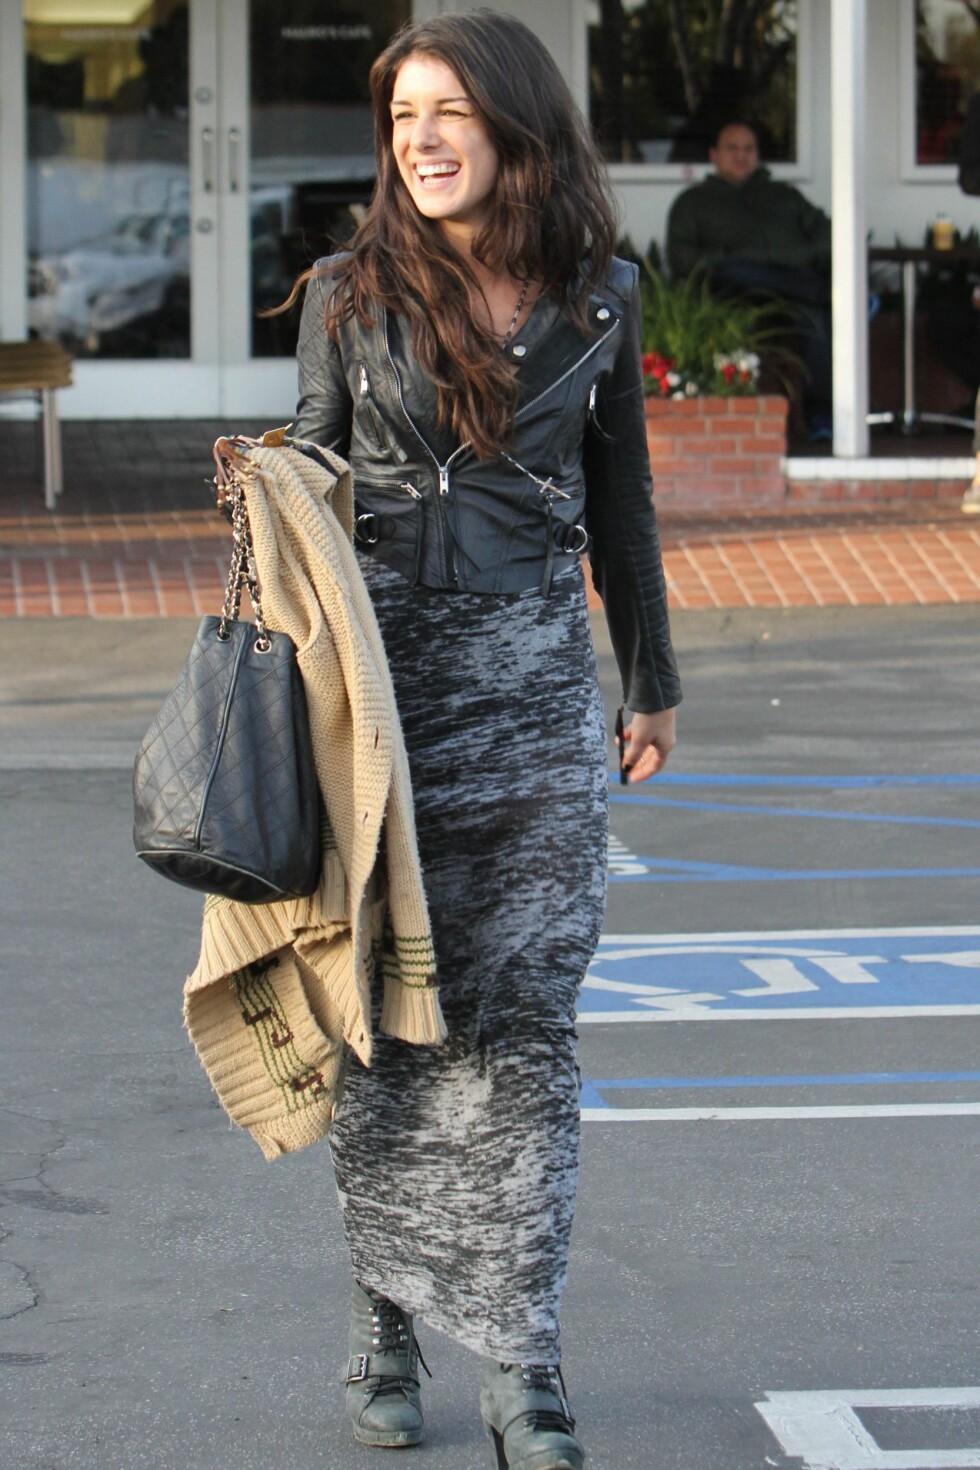 90210-stjernen Shenae Grimes smiler bredt i sin korte bikerjakke. Foto: All Over Press